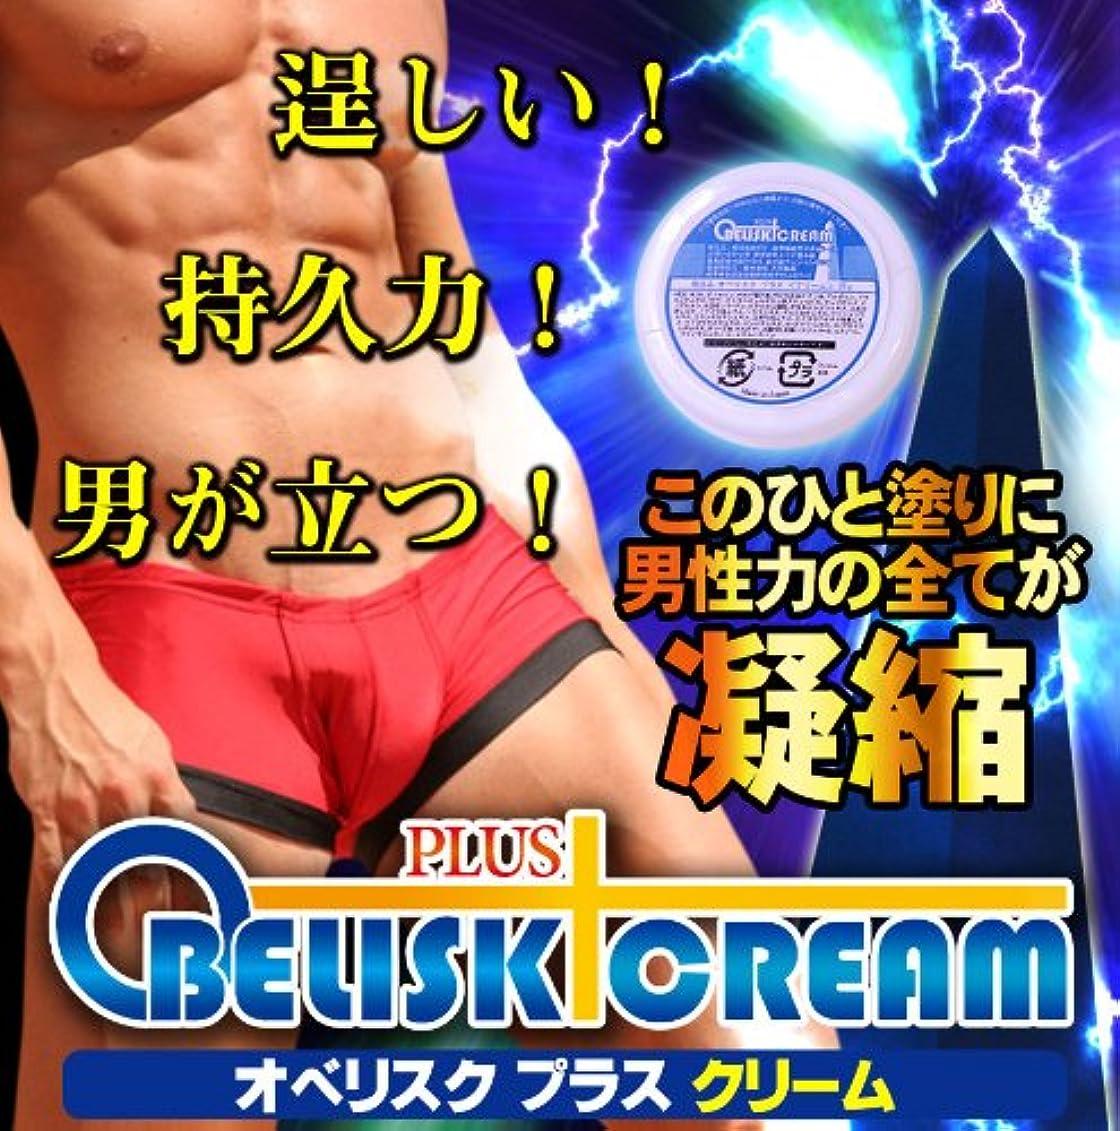 ホイスト魅了するお祝いオベリスクプラスクリーム(男性用持続力コントロールクリーム)